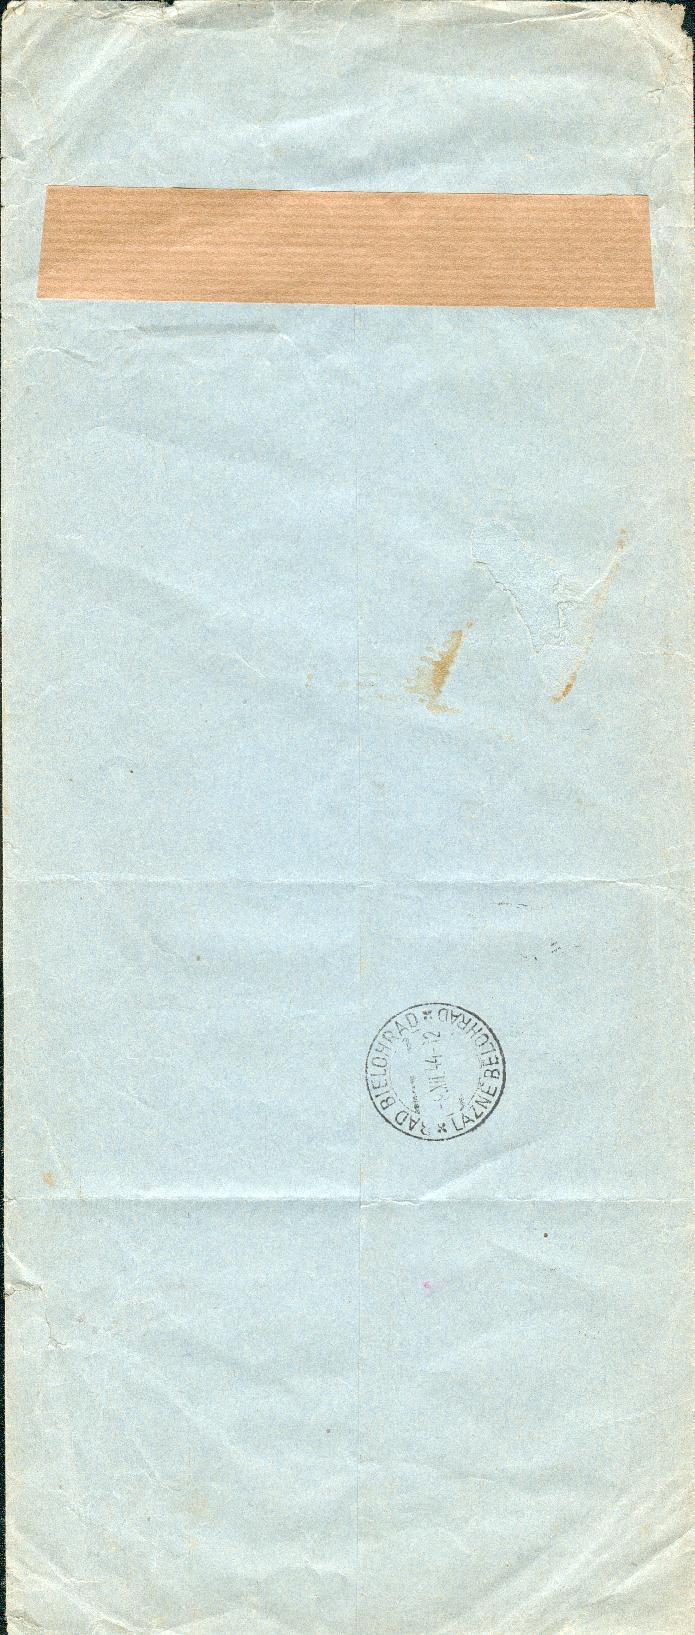 fb80-4.jpg